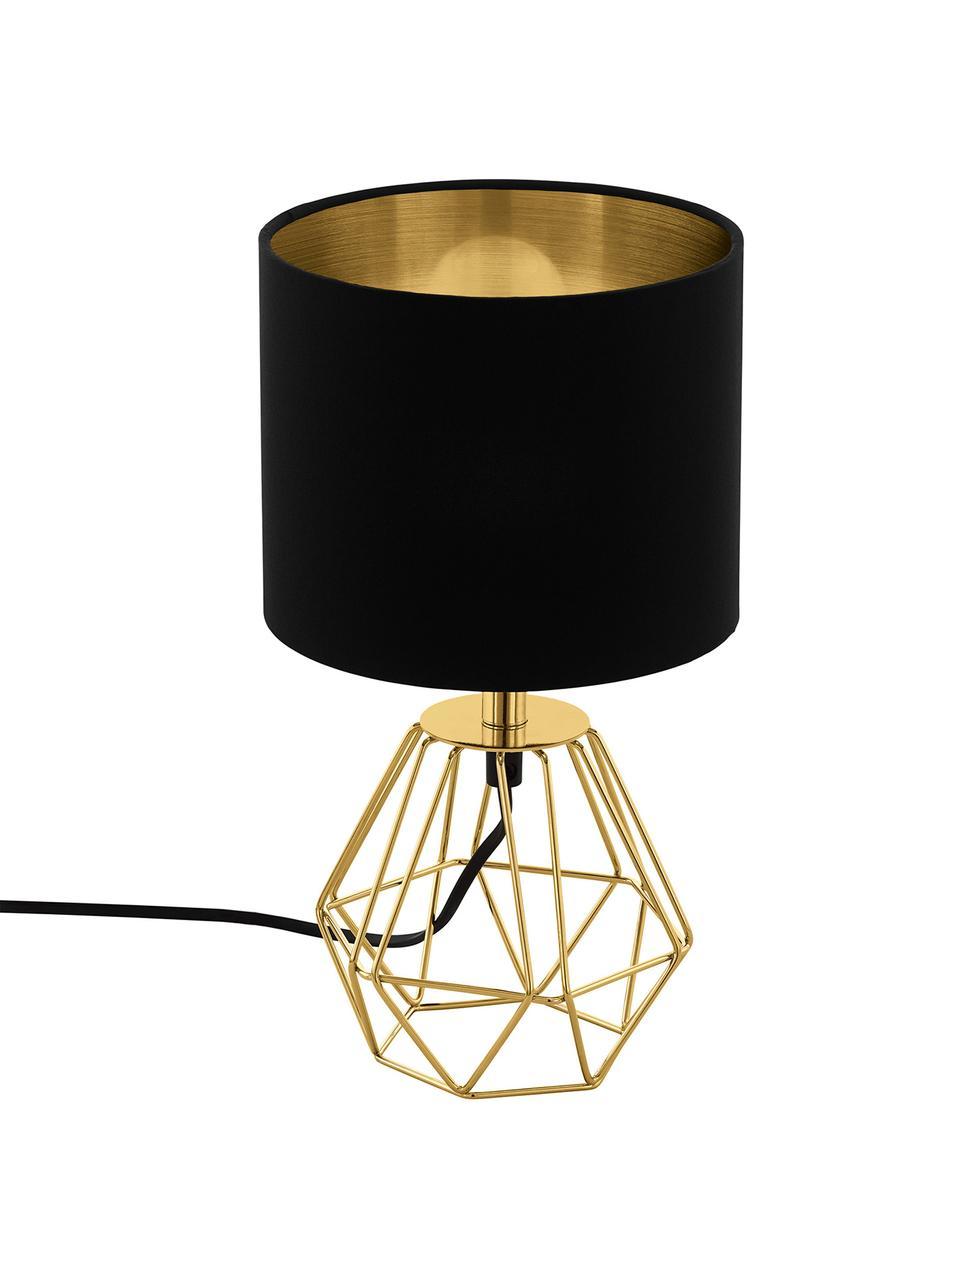 Kleine Tischlampe Phil in Schwarz-Gold, Lampenfuß: Metall, vermessingt, Schwarz, Gold, Ø 17 x H 31 cm